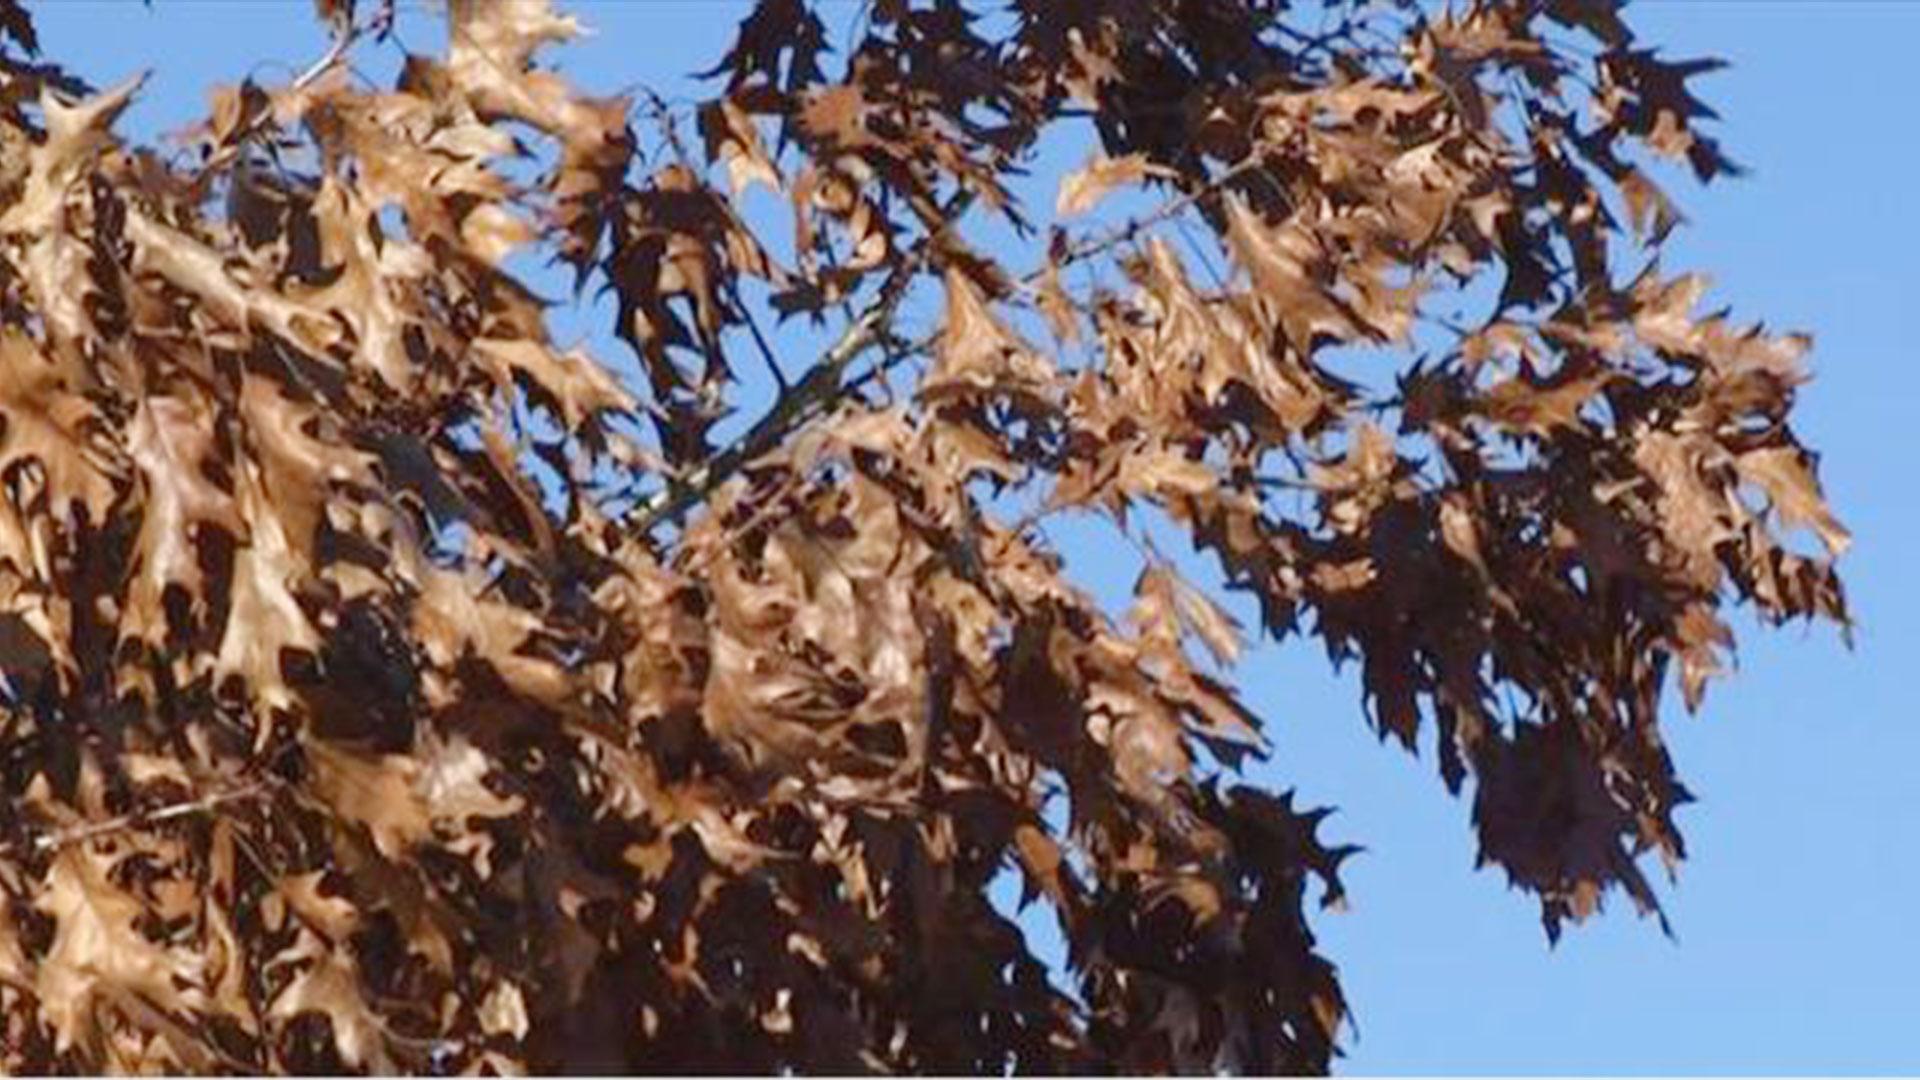 KELO Leaves2